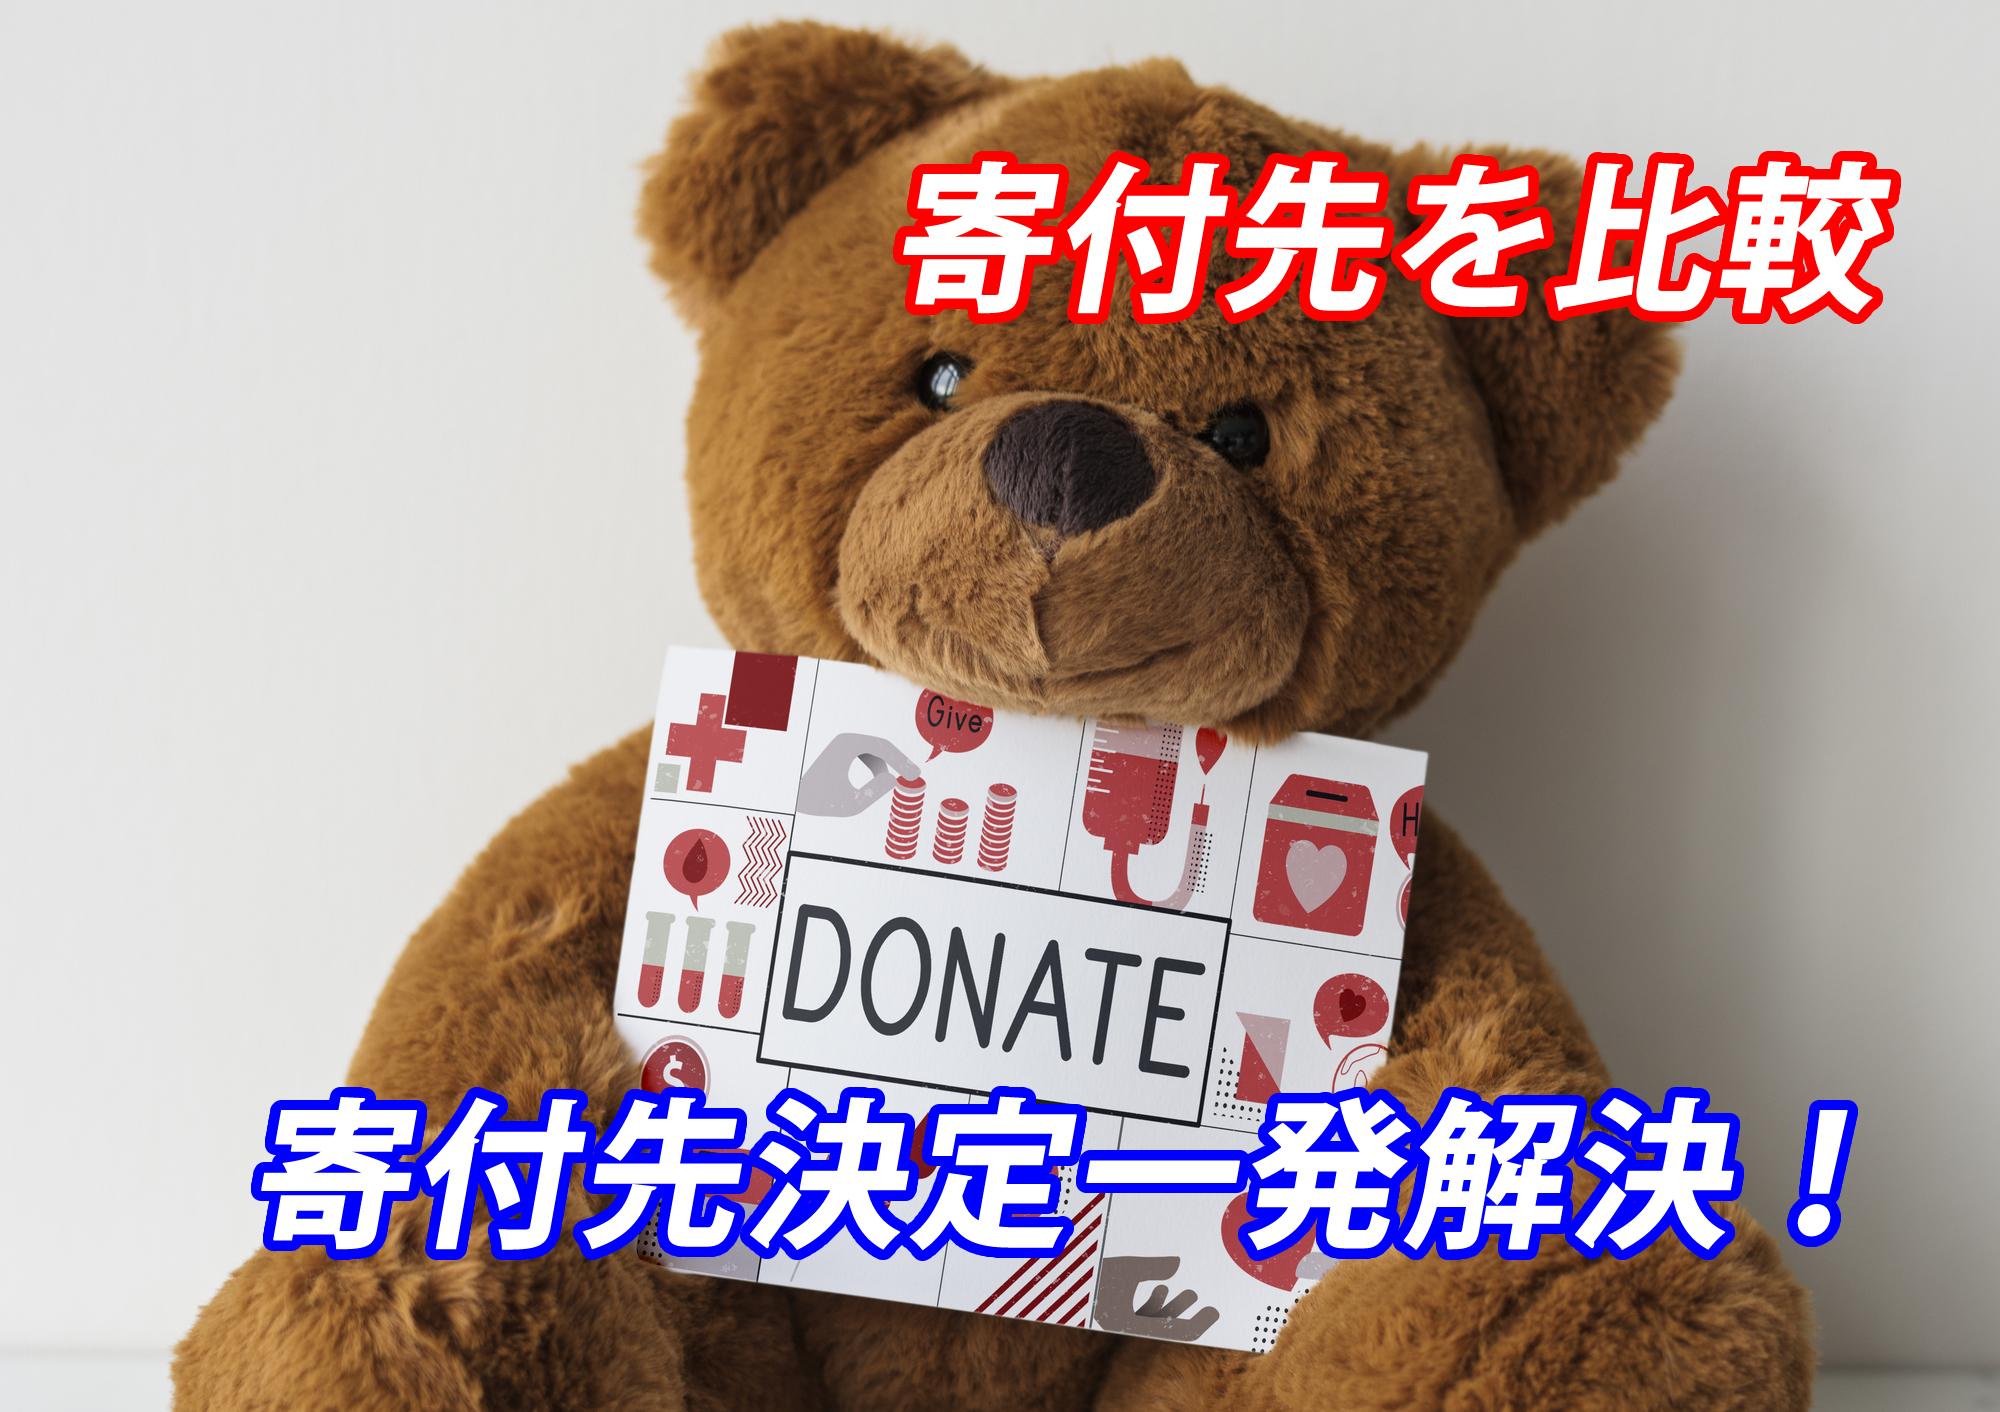 ぬいぐるみ寄付はどこがおすすめ?正しい寄付先の選び方から方法・手順